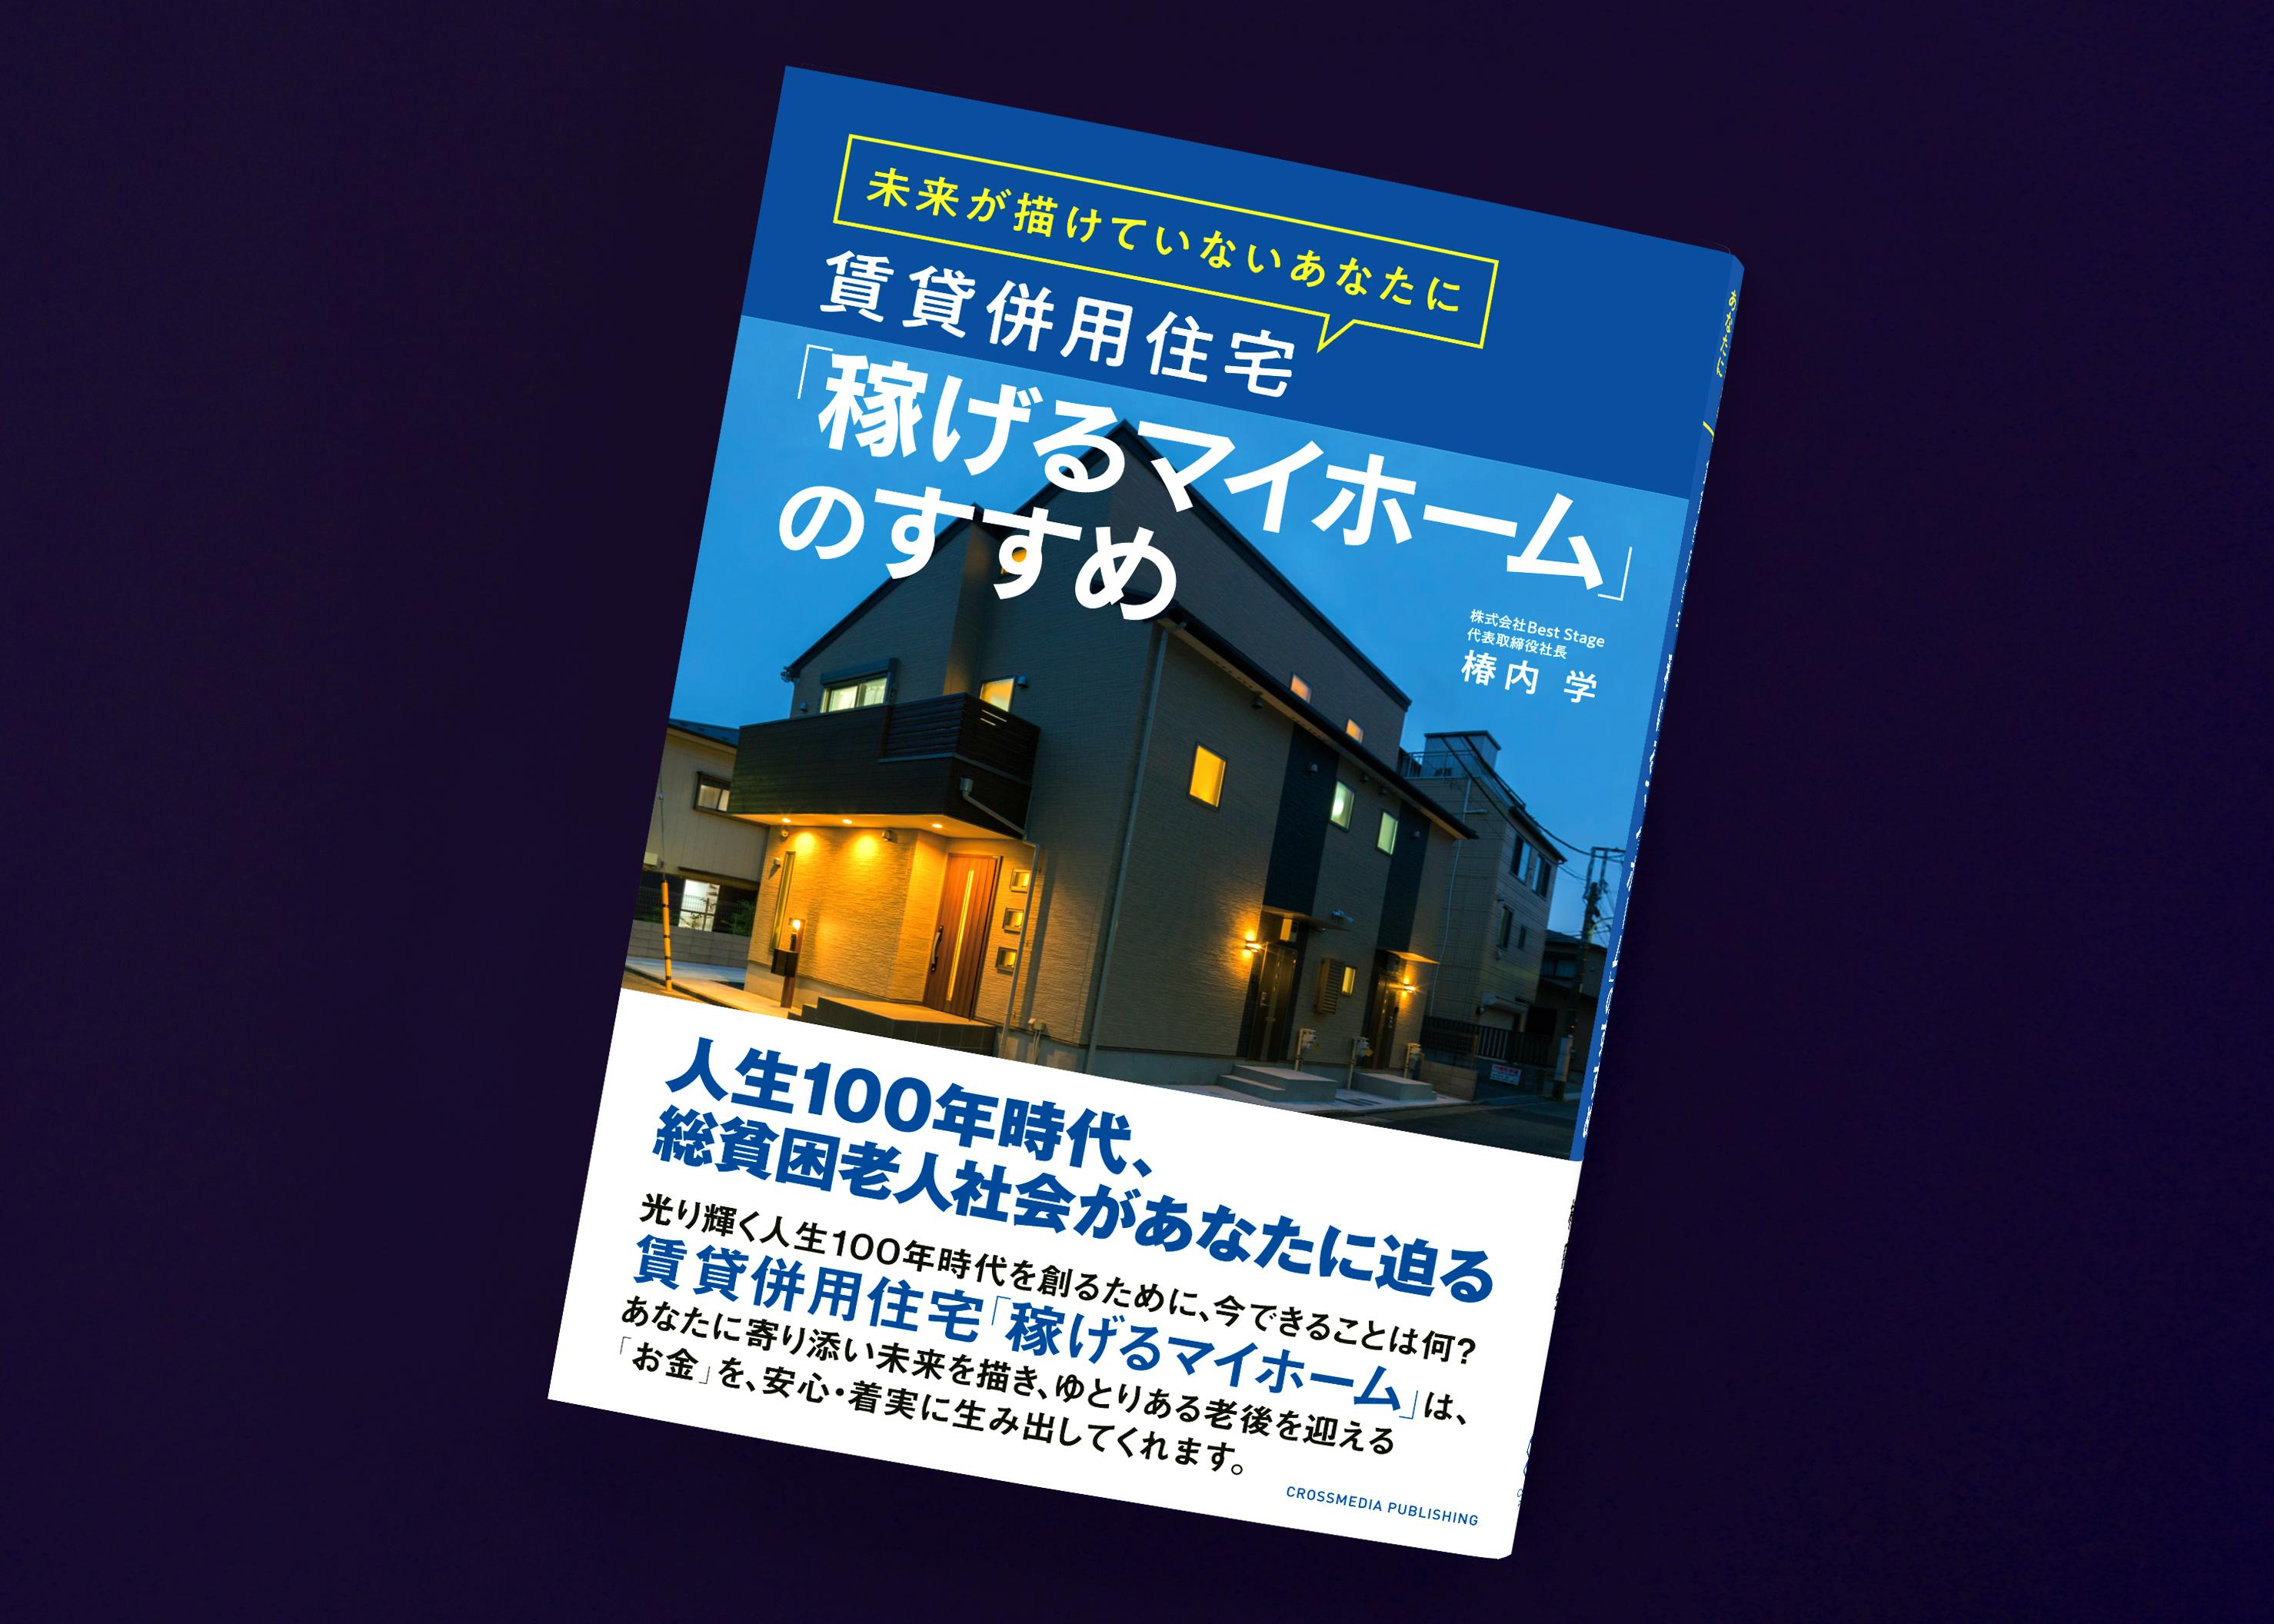 未来が描けていないあなたに 賃貸併用住宅「稼げるマイホーム」のすすめ